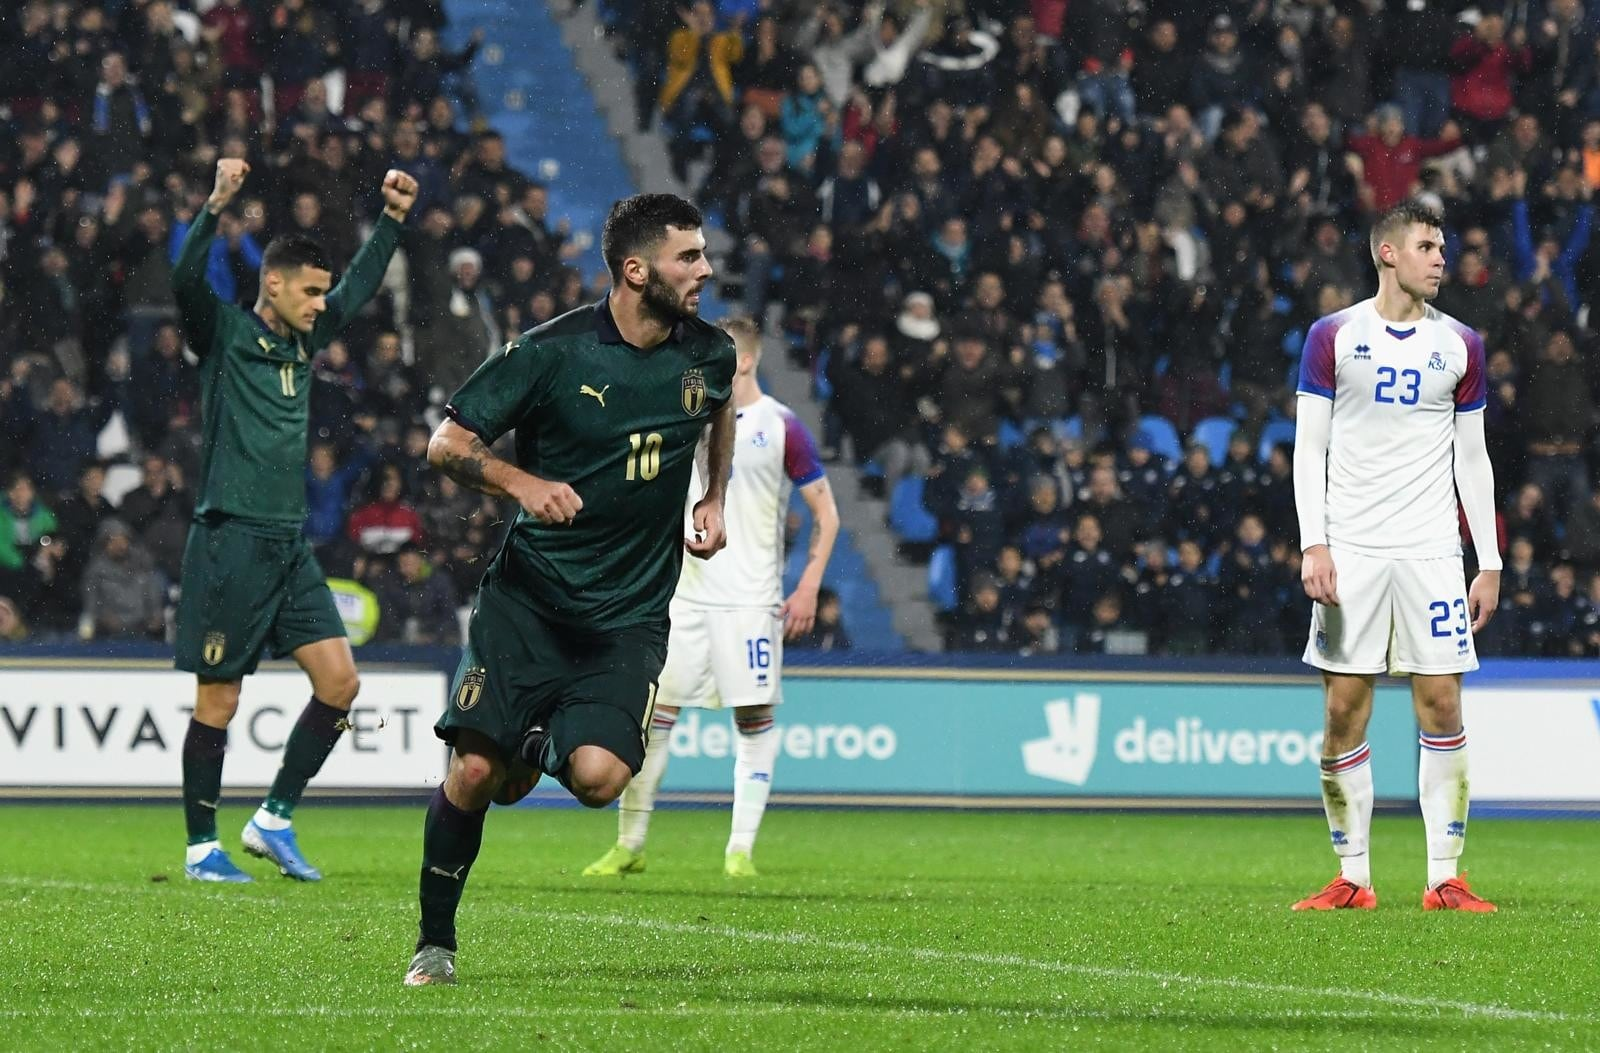 L'Italia Under 21 strapazza l'Islanda. Cutrone, doppietta da favola!